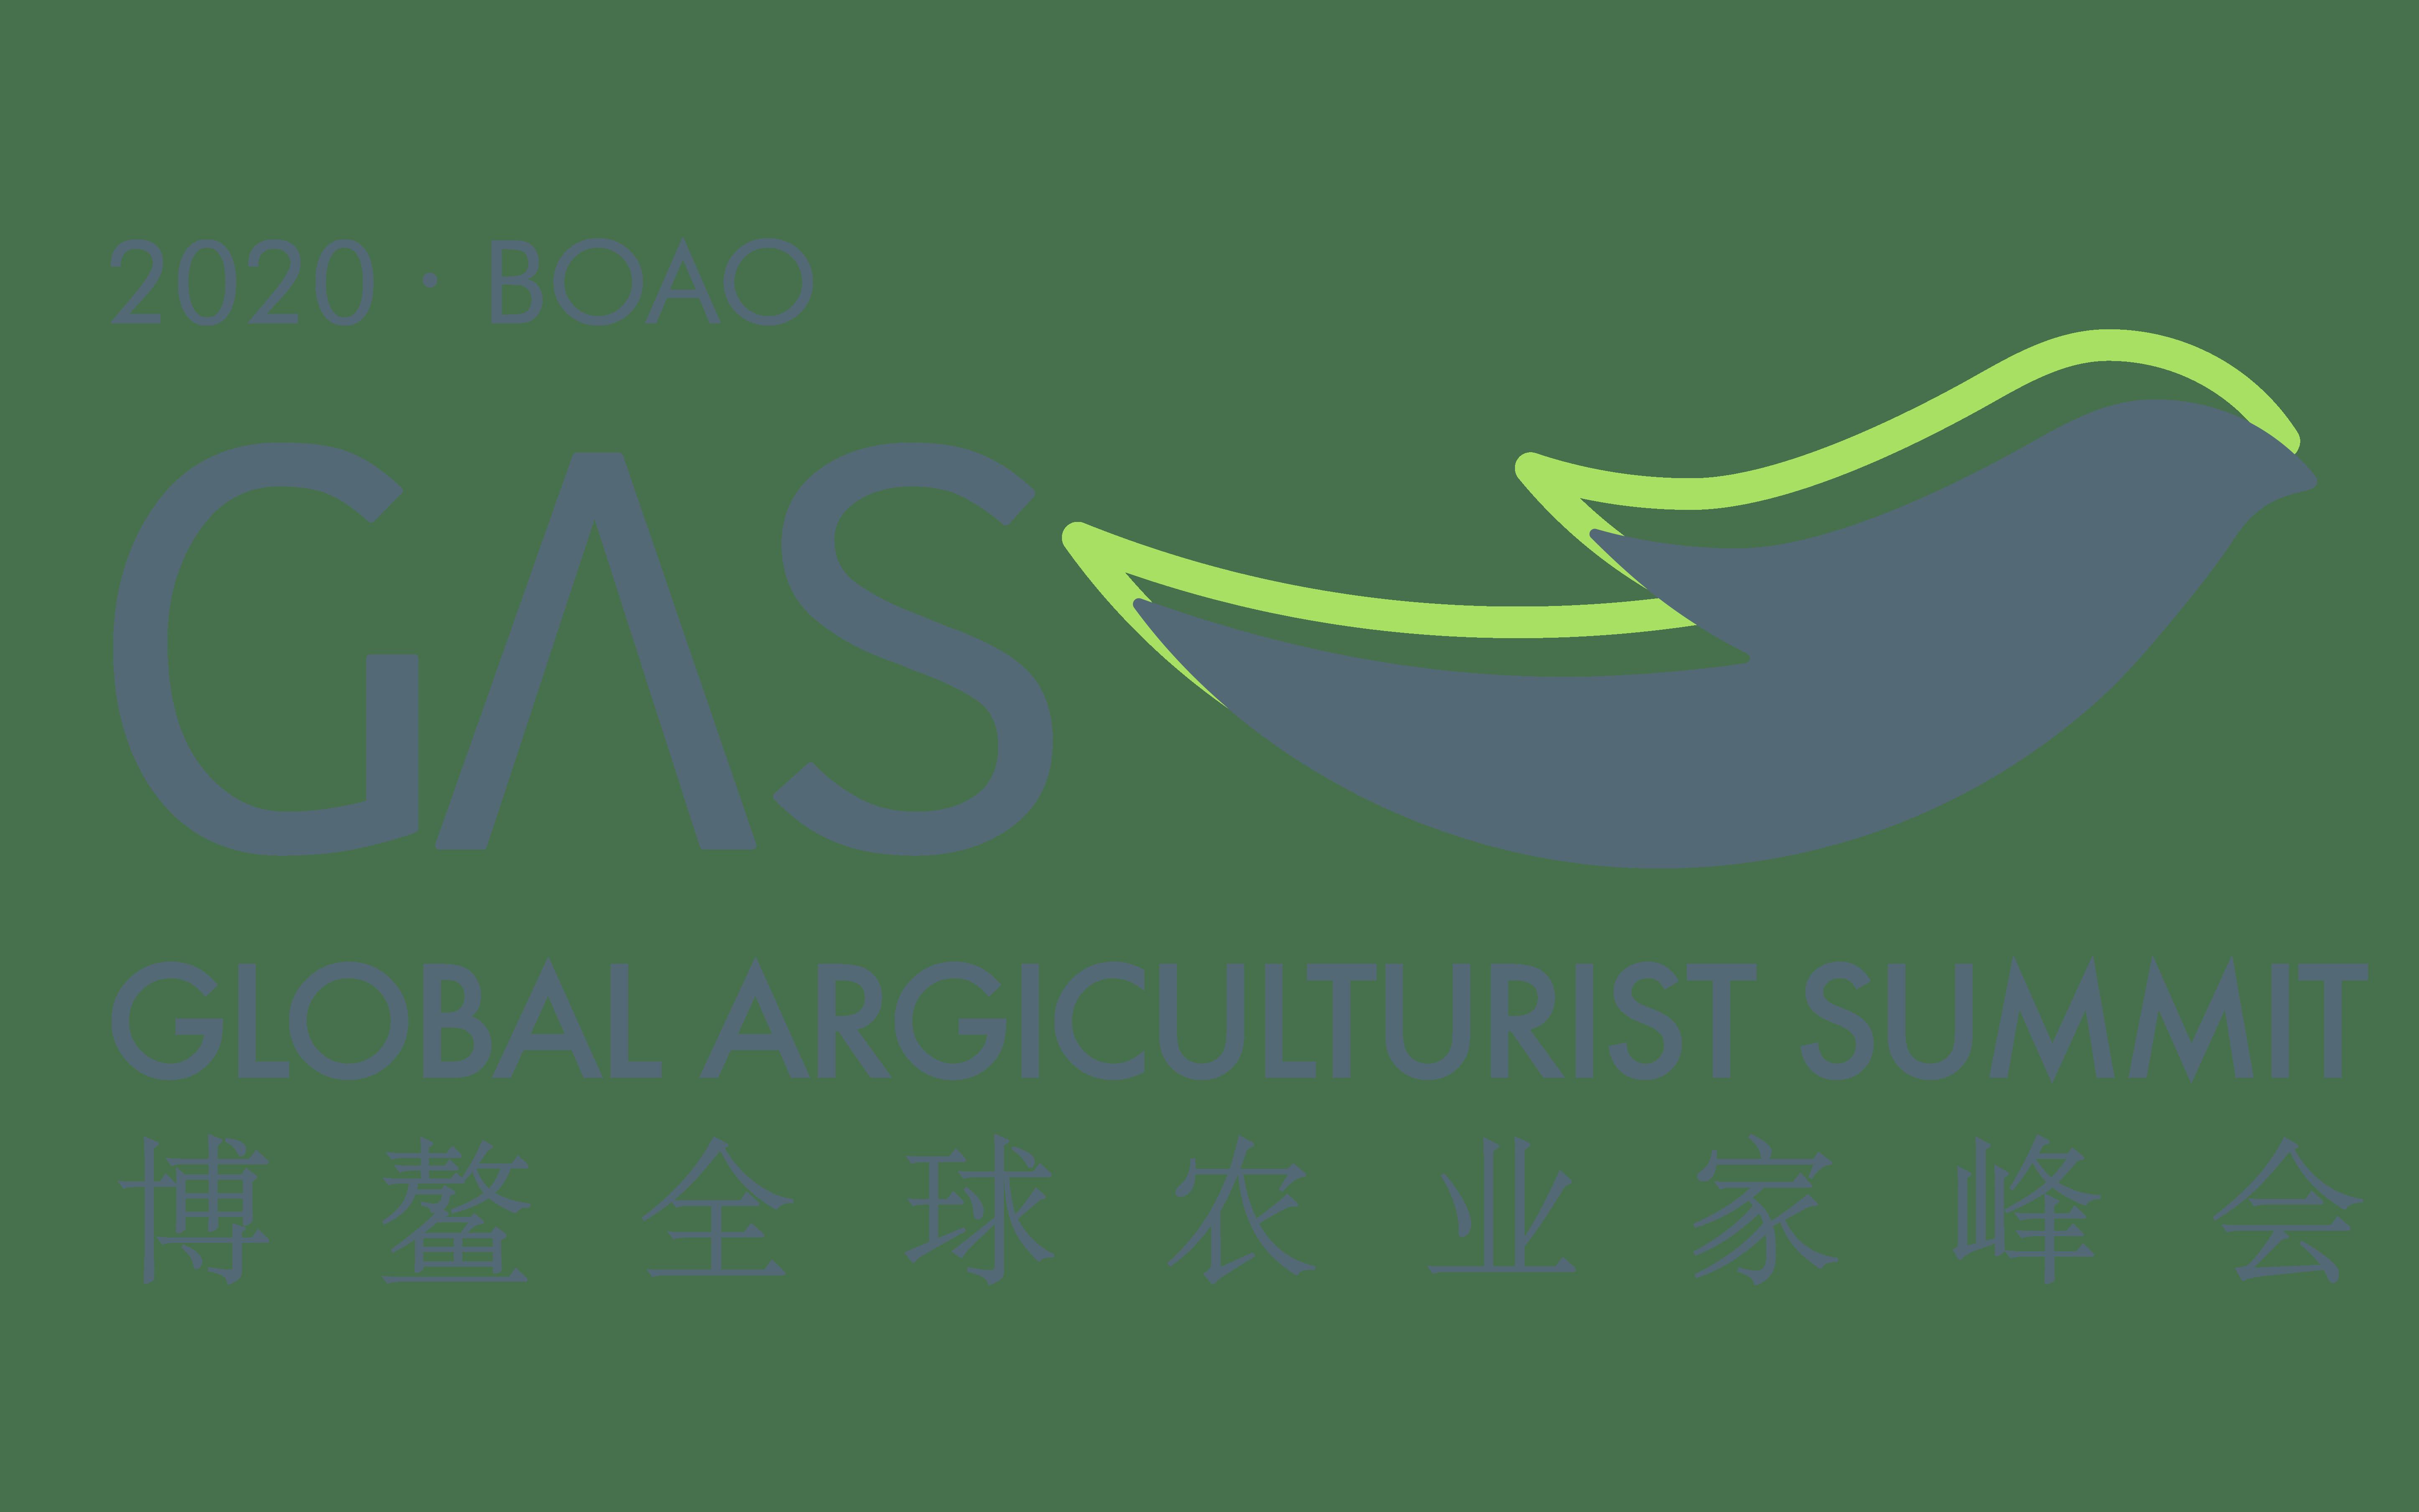 2020美丽乡村国际峰会暨博鳌全球农业家金融峰会